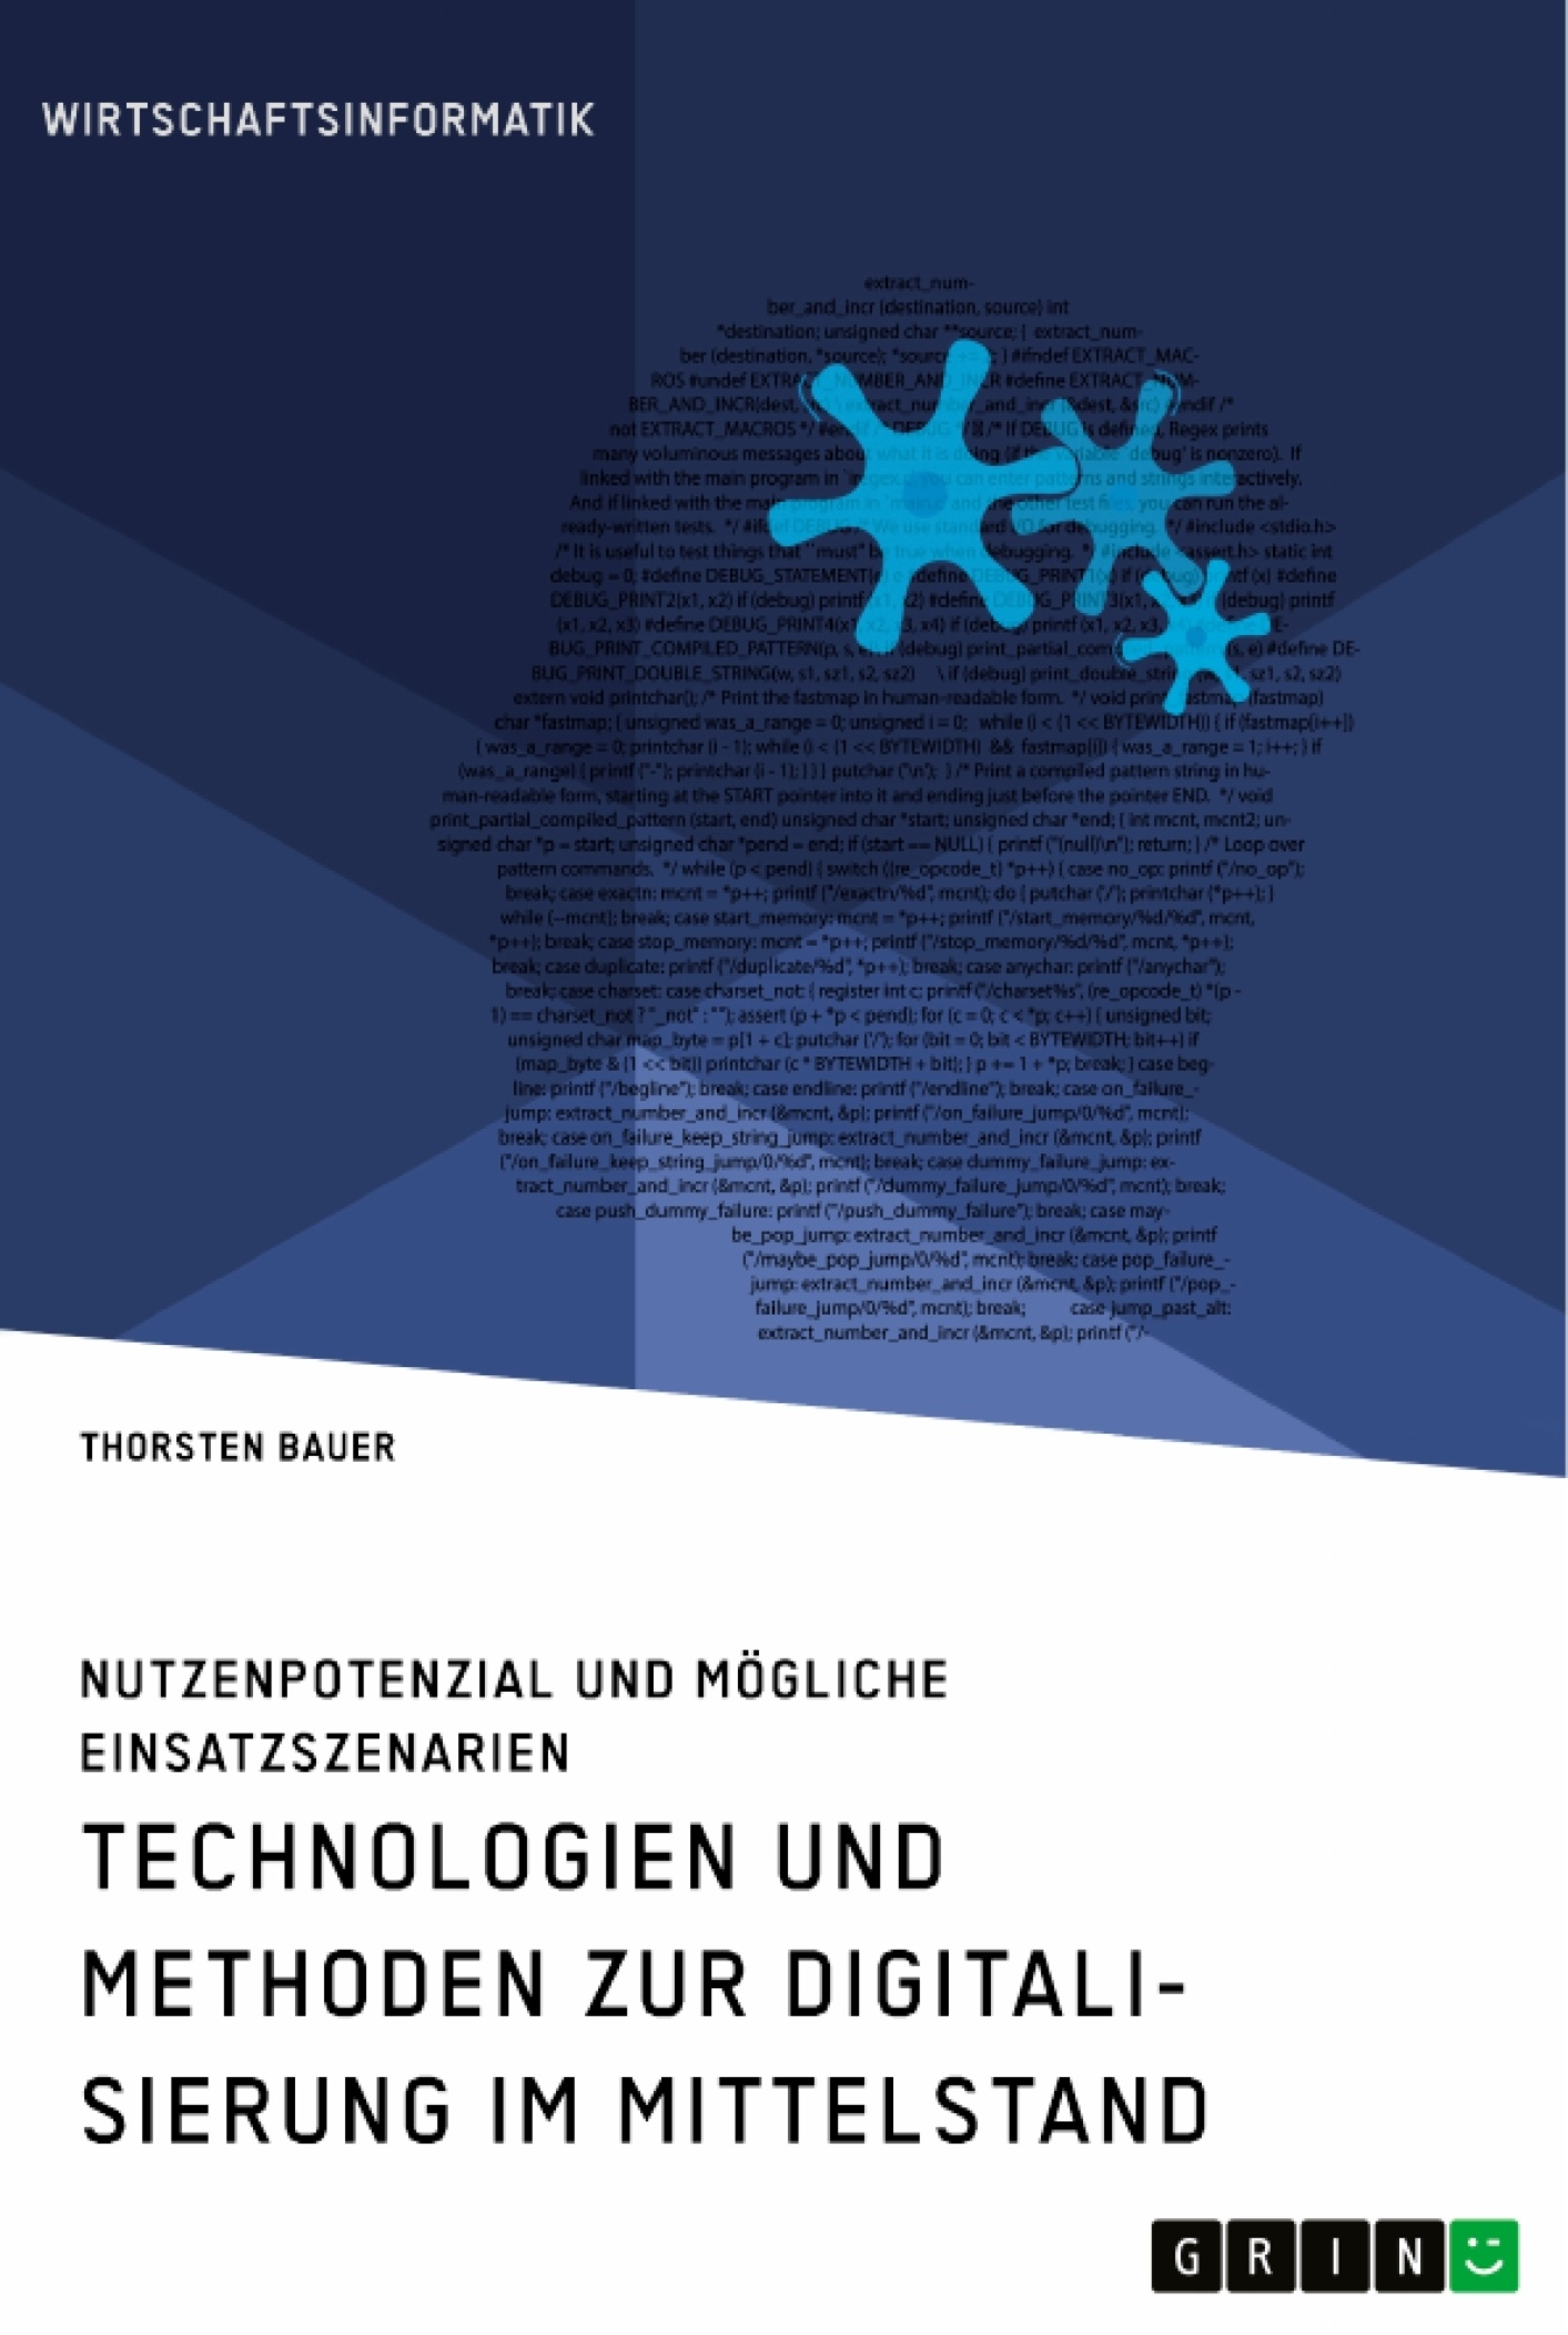 Titel: Technologien und Methoden zur Digitalisierung im Mittelstand. Nutzenpotenzial und mögliche Einsatzszenarien